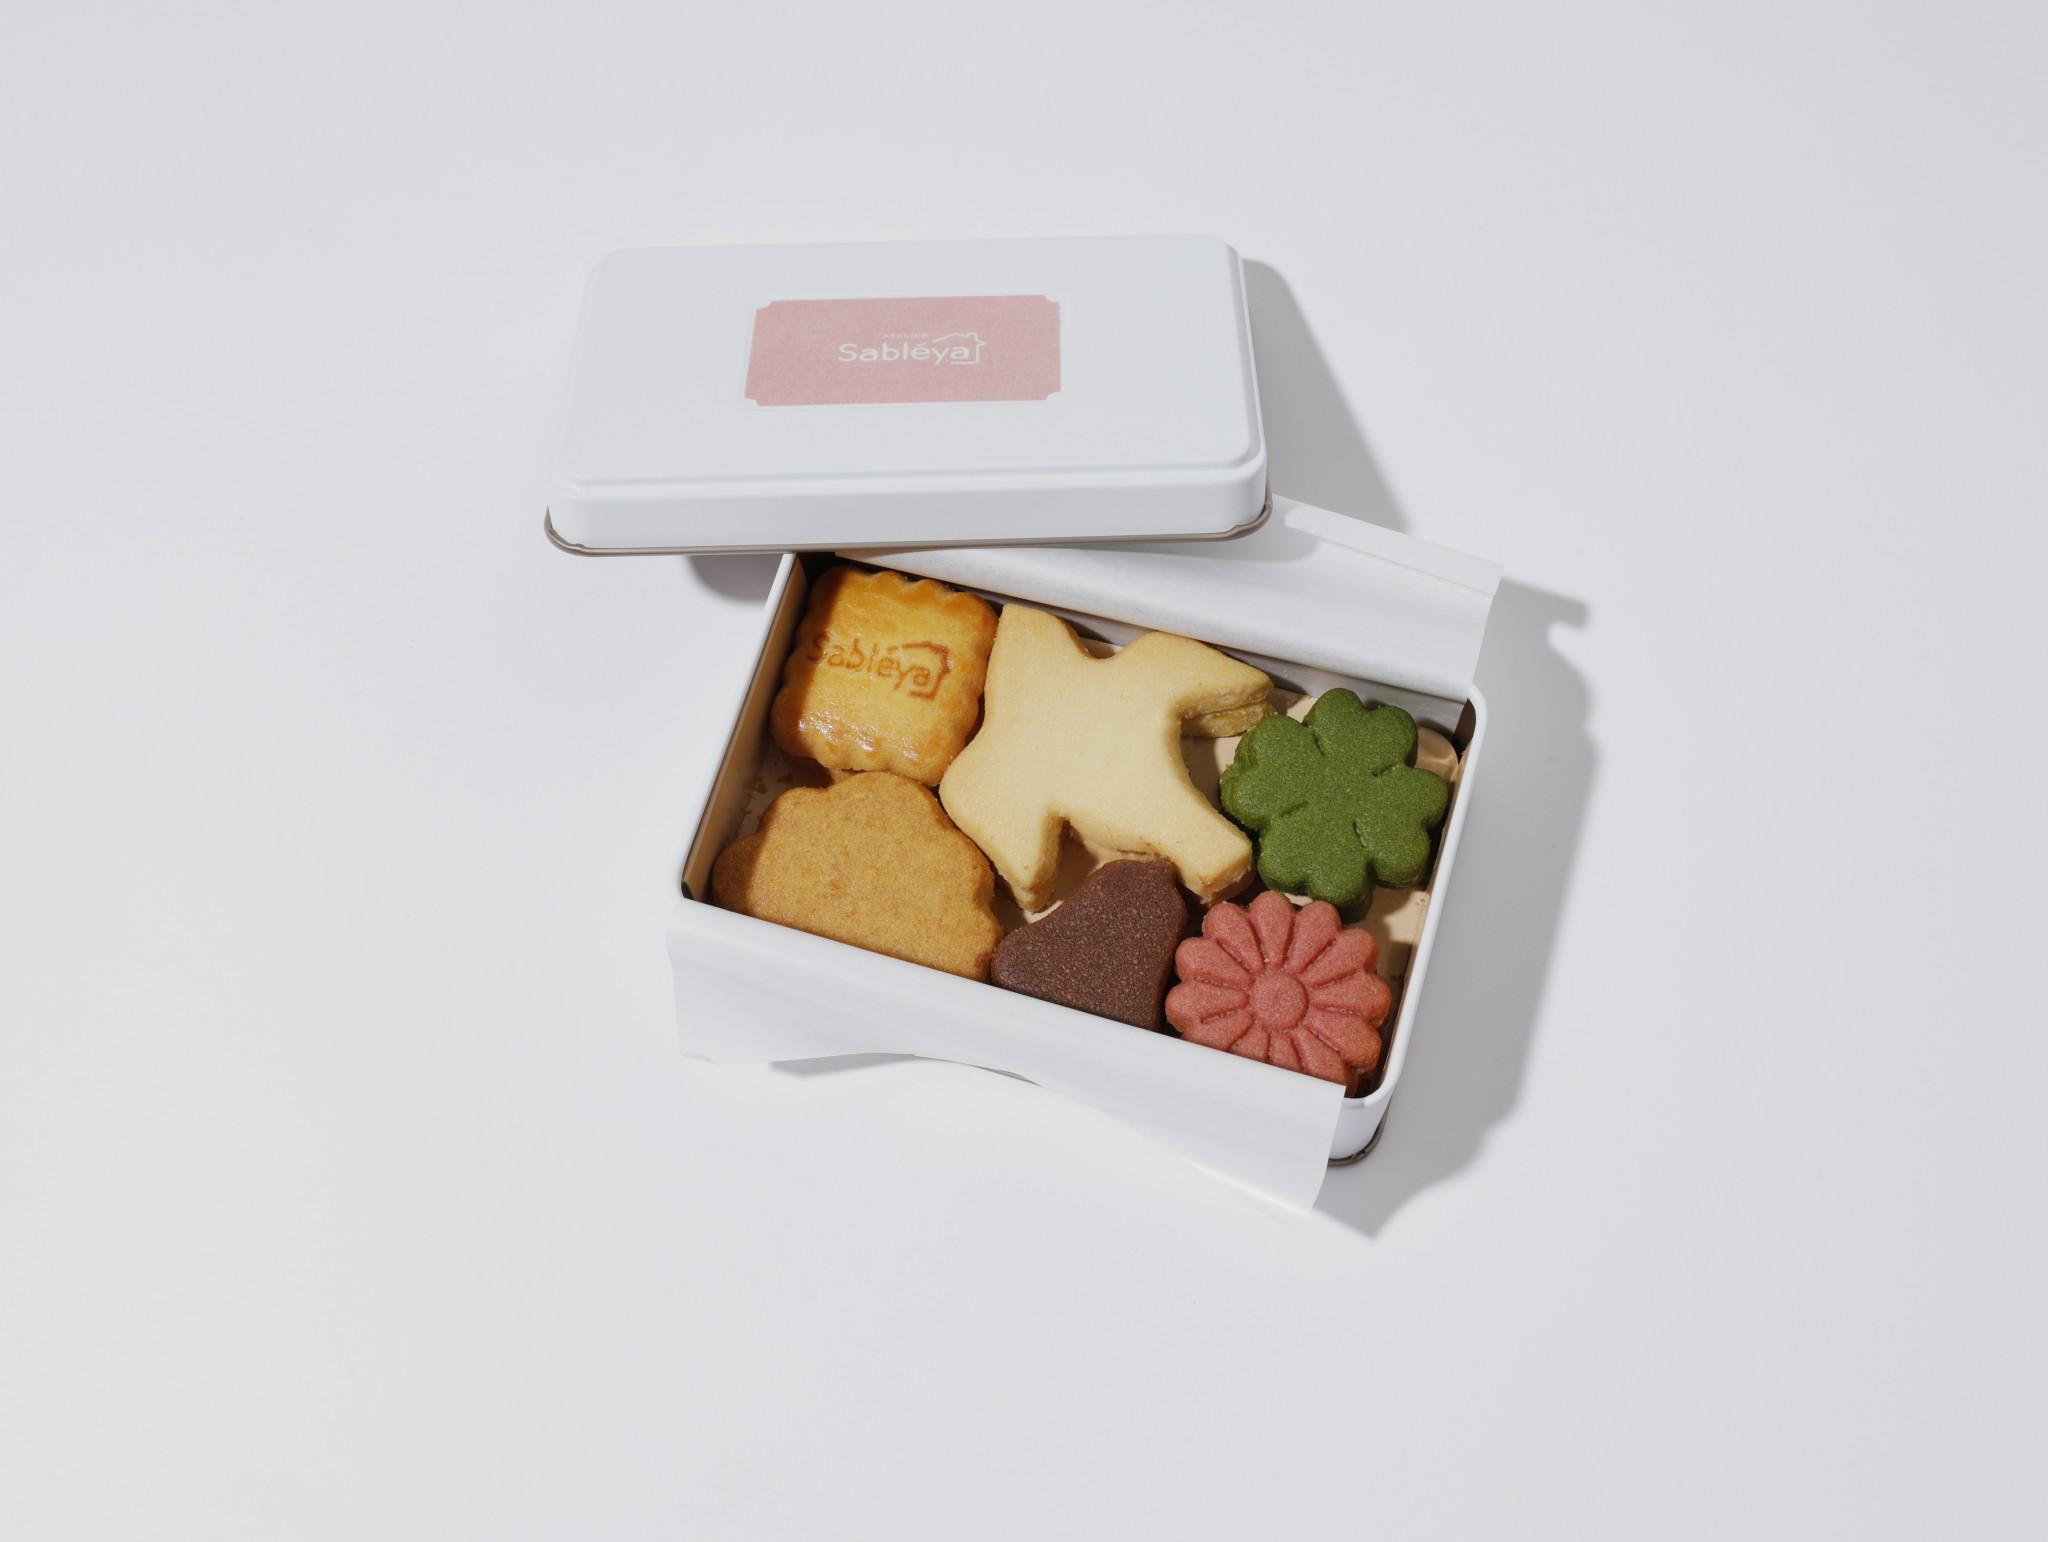 ママ友への手土産ならこれ!子供たちも喜ぶアニマルモチーフのクッキー&サブレ4選